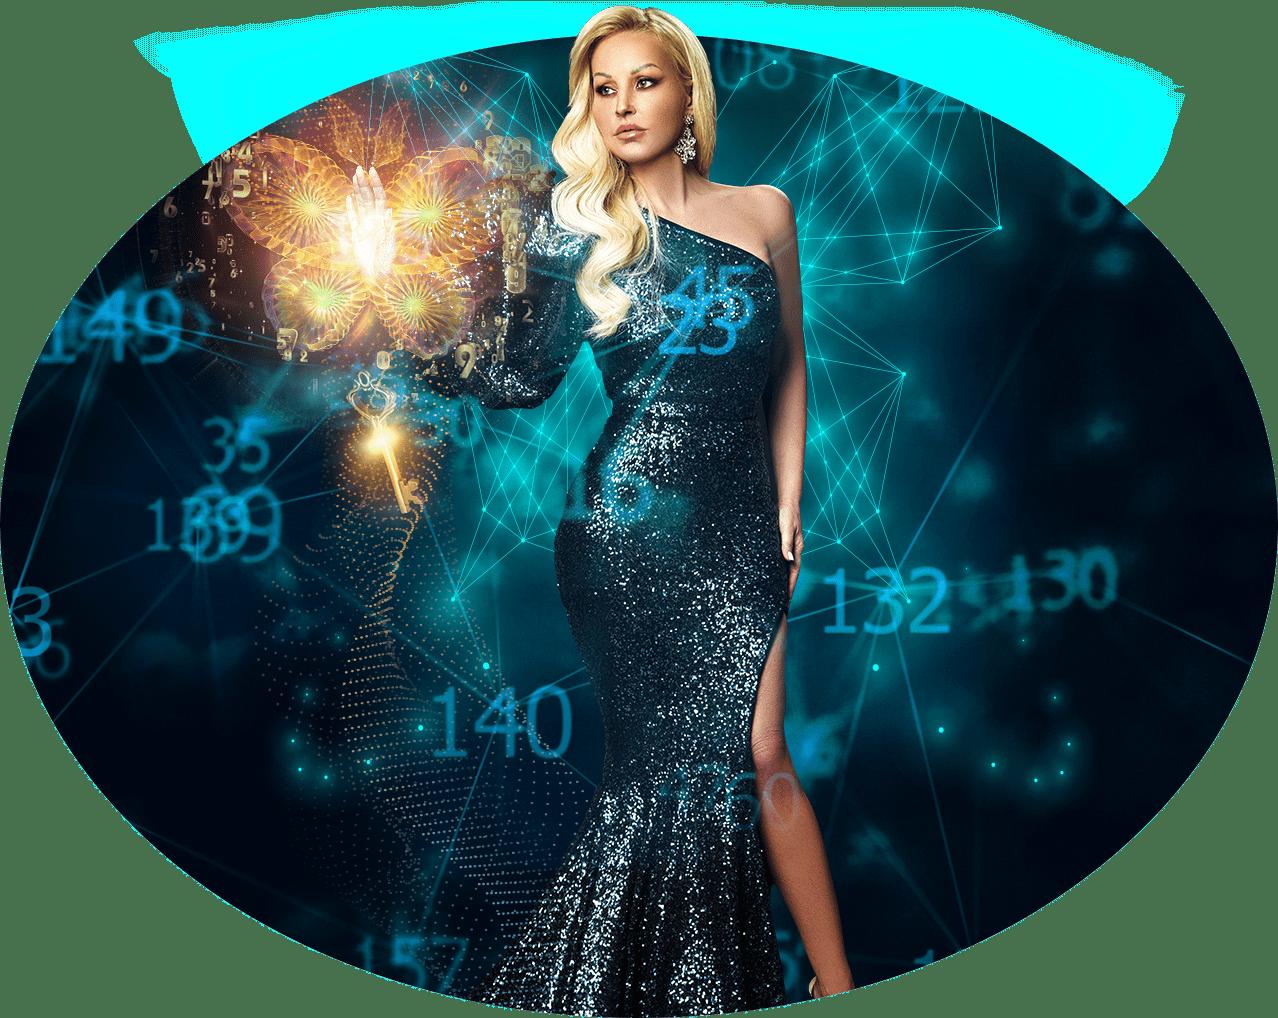 Numerologinja Karin